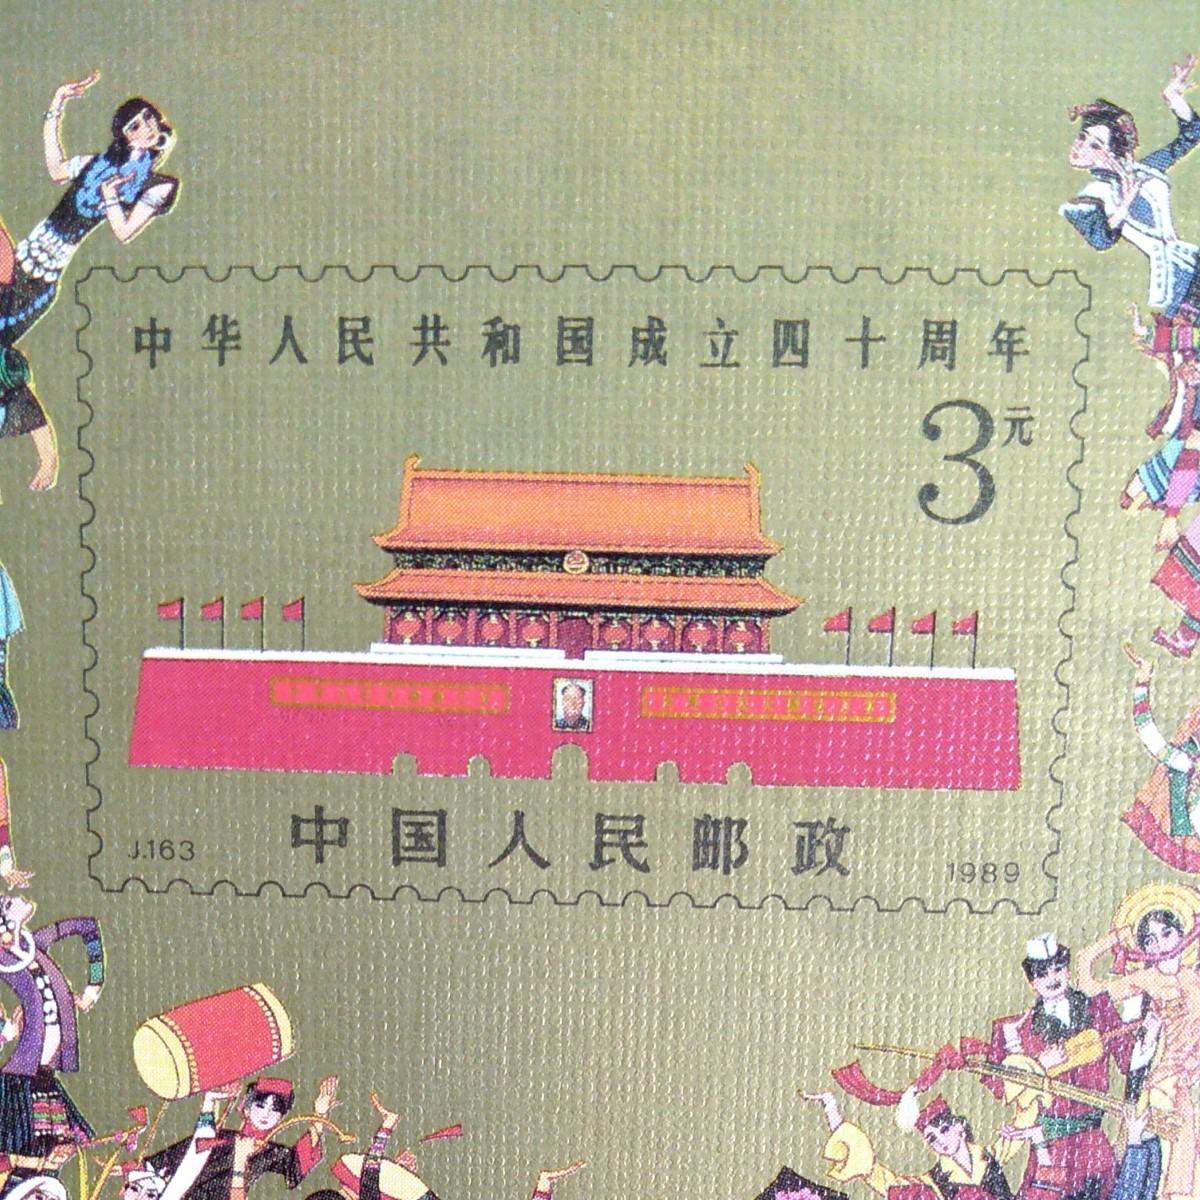 小型シート 中国切手 建国40周年記念切手